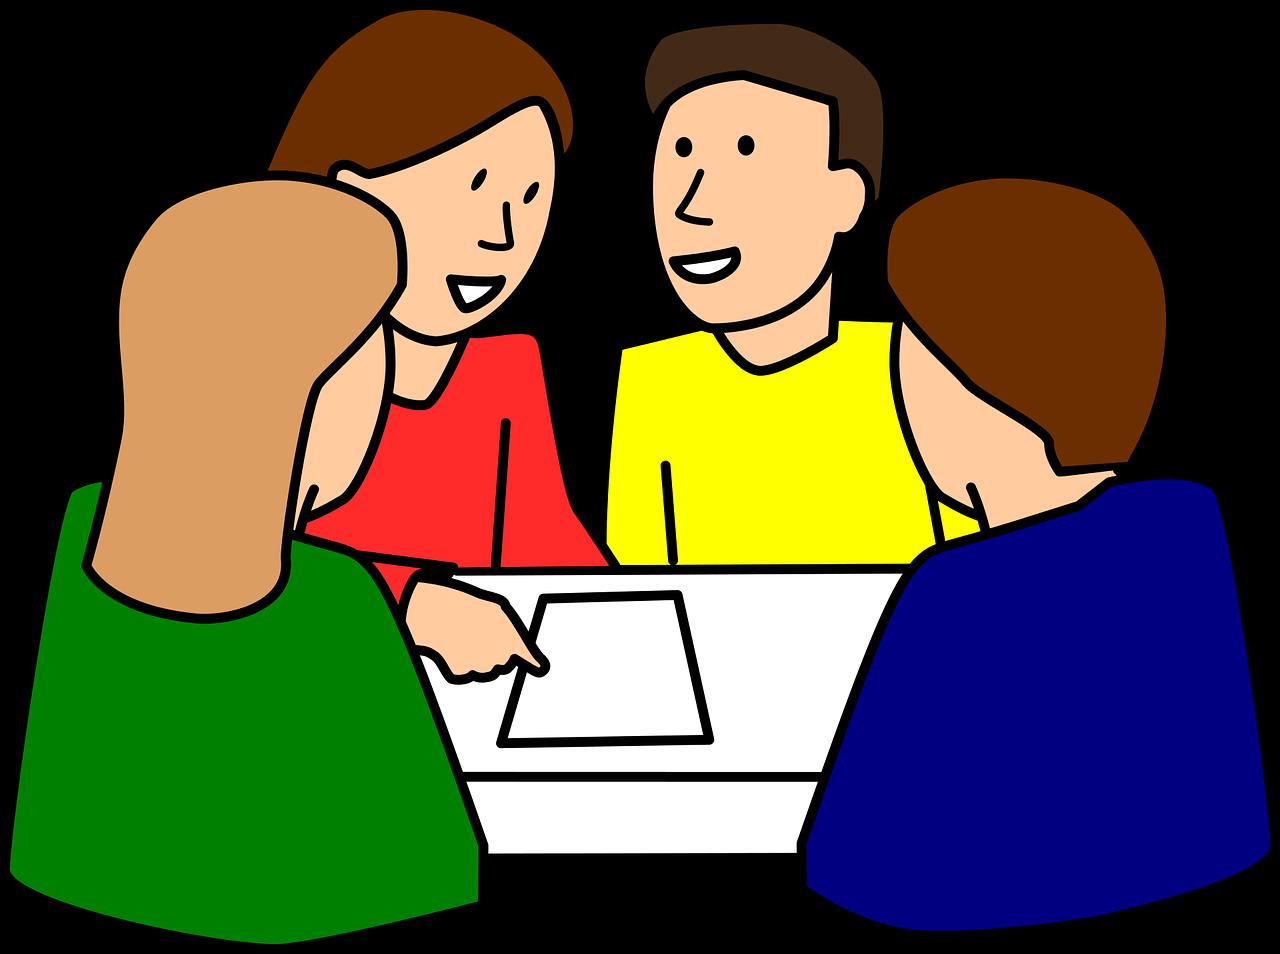 онлайн собрания собственников